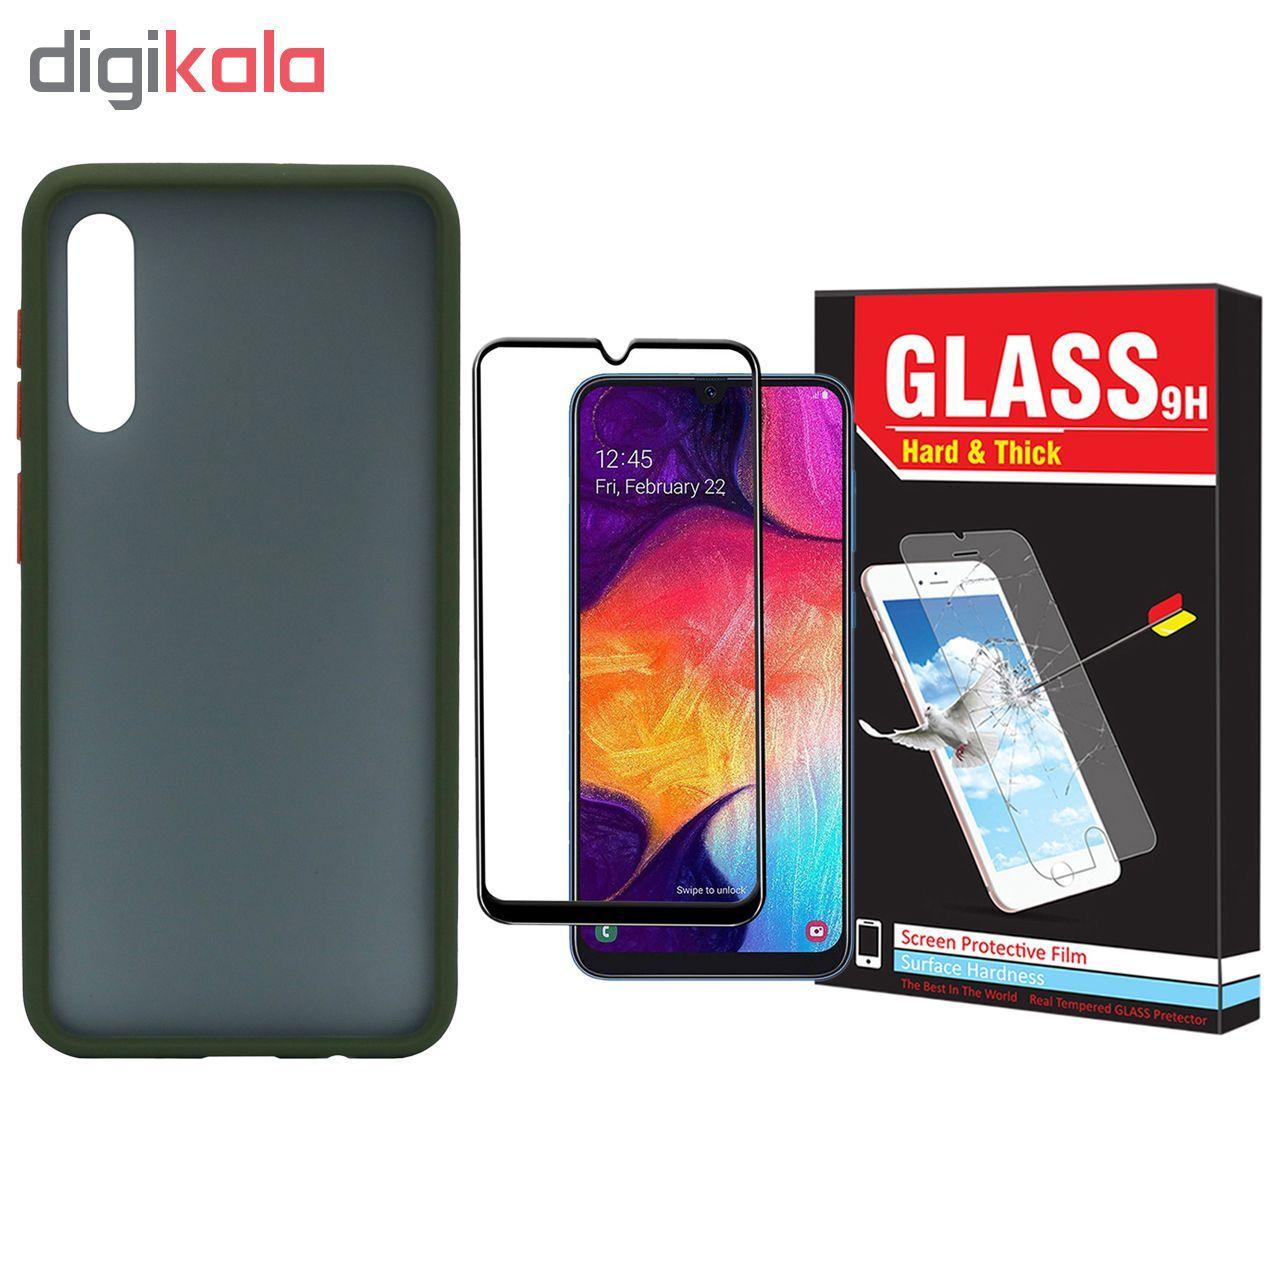 کاور مدل Sb-001 مناسب برای گوشی موبایل سامسونگ Galaxy A50/A30s/A50s به همراه محافظ صفحه نمایش Hard and Thick main 1 1